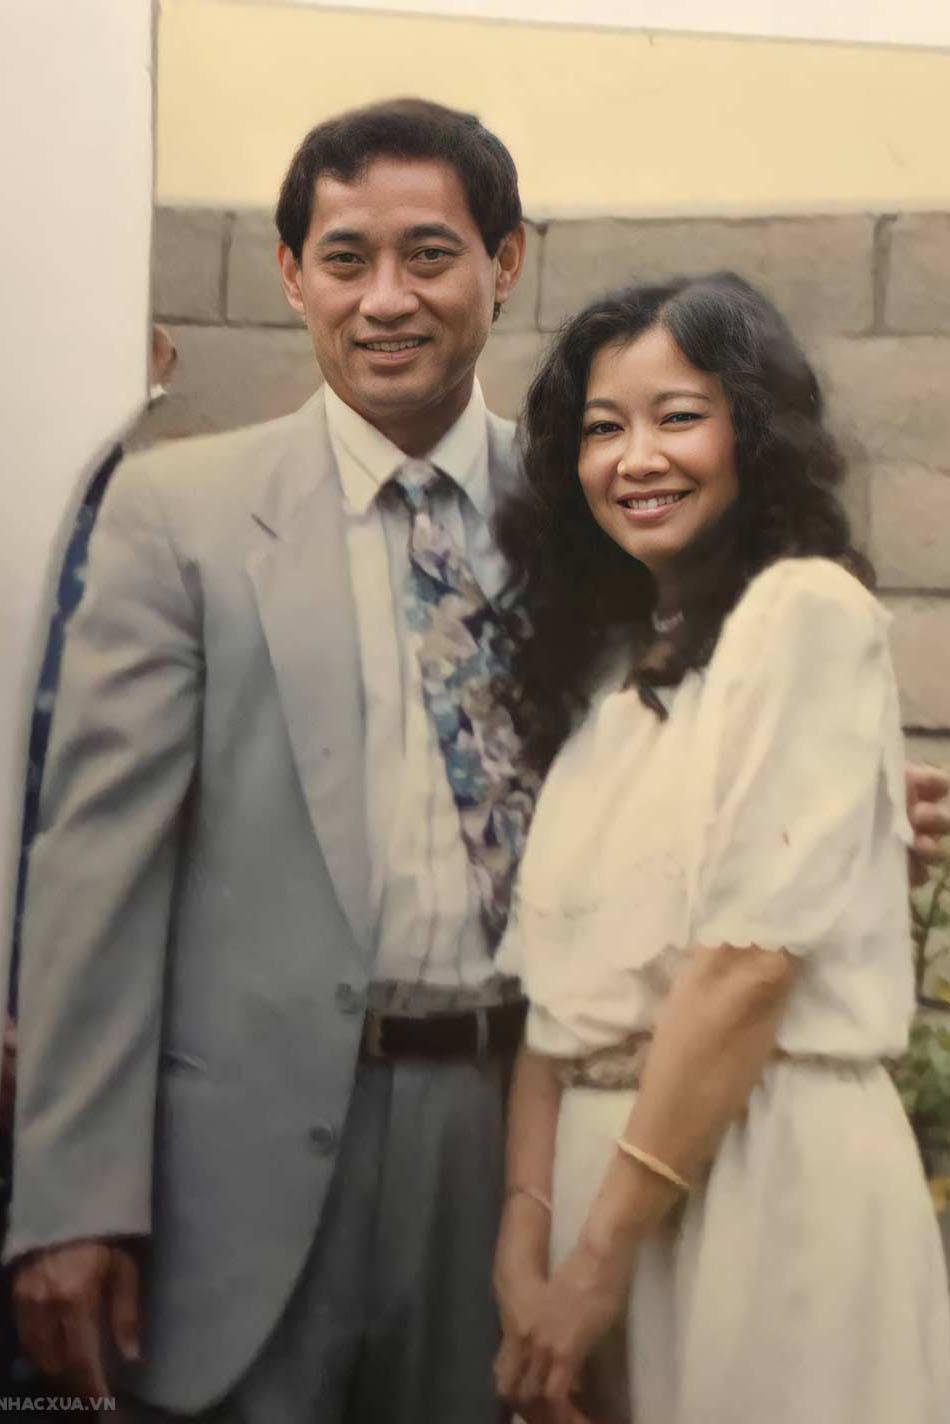 Tuổi 74, danh ca Hoàng Oanh vẫn trẻ đẹp, hạnh phúc bên chồng nhạc sĩ - Ảnh 5.